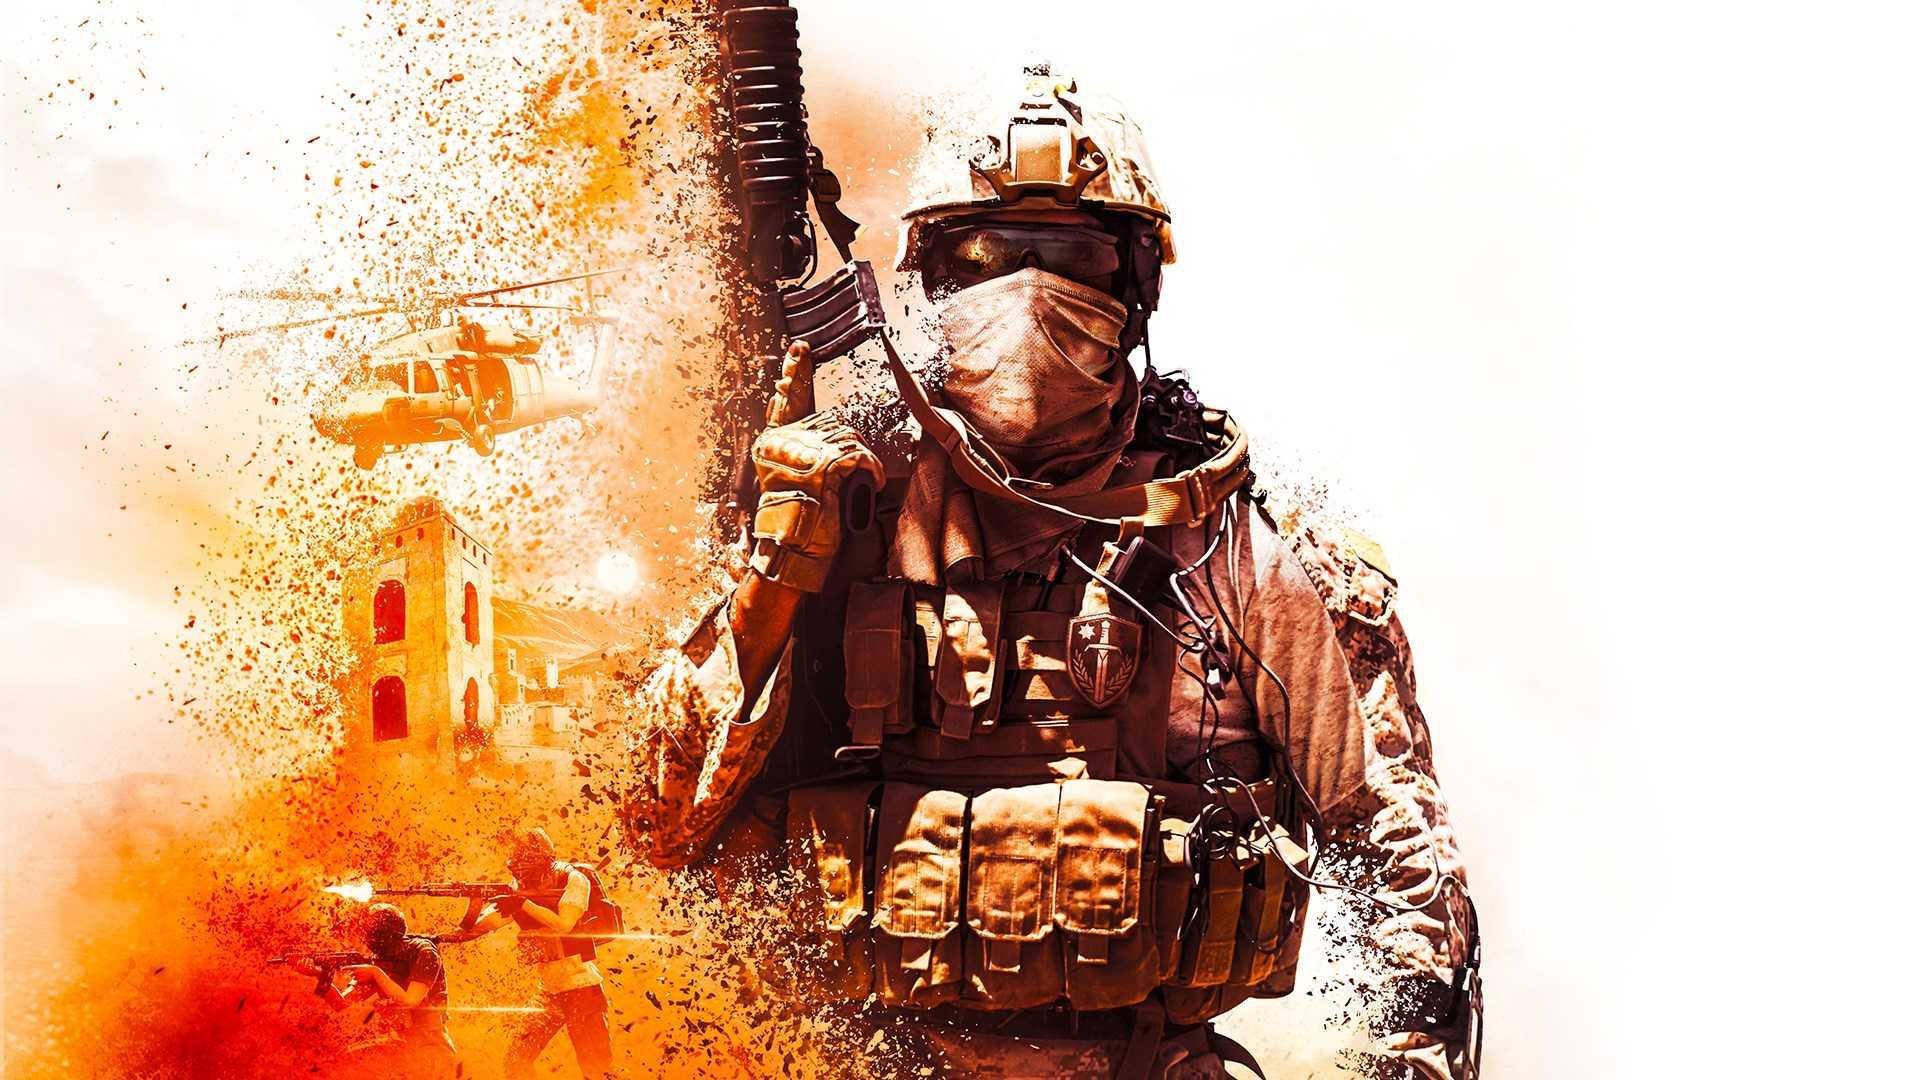 На следующей неделе для Insurgency: Sandstorm на Xbox выйдет патч, которые решит проблемы с вылетами